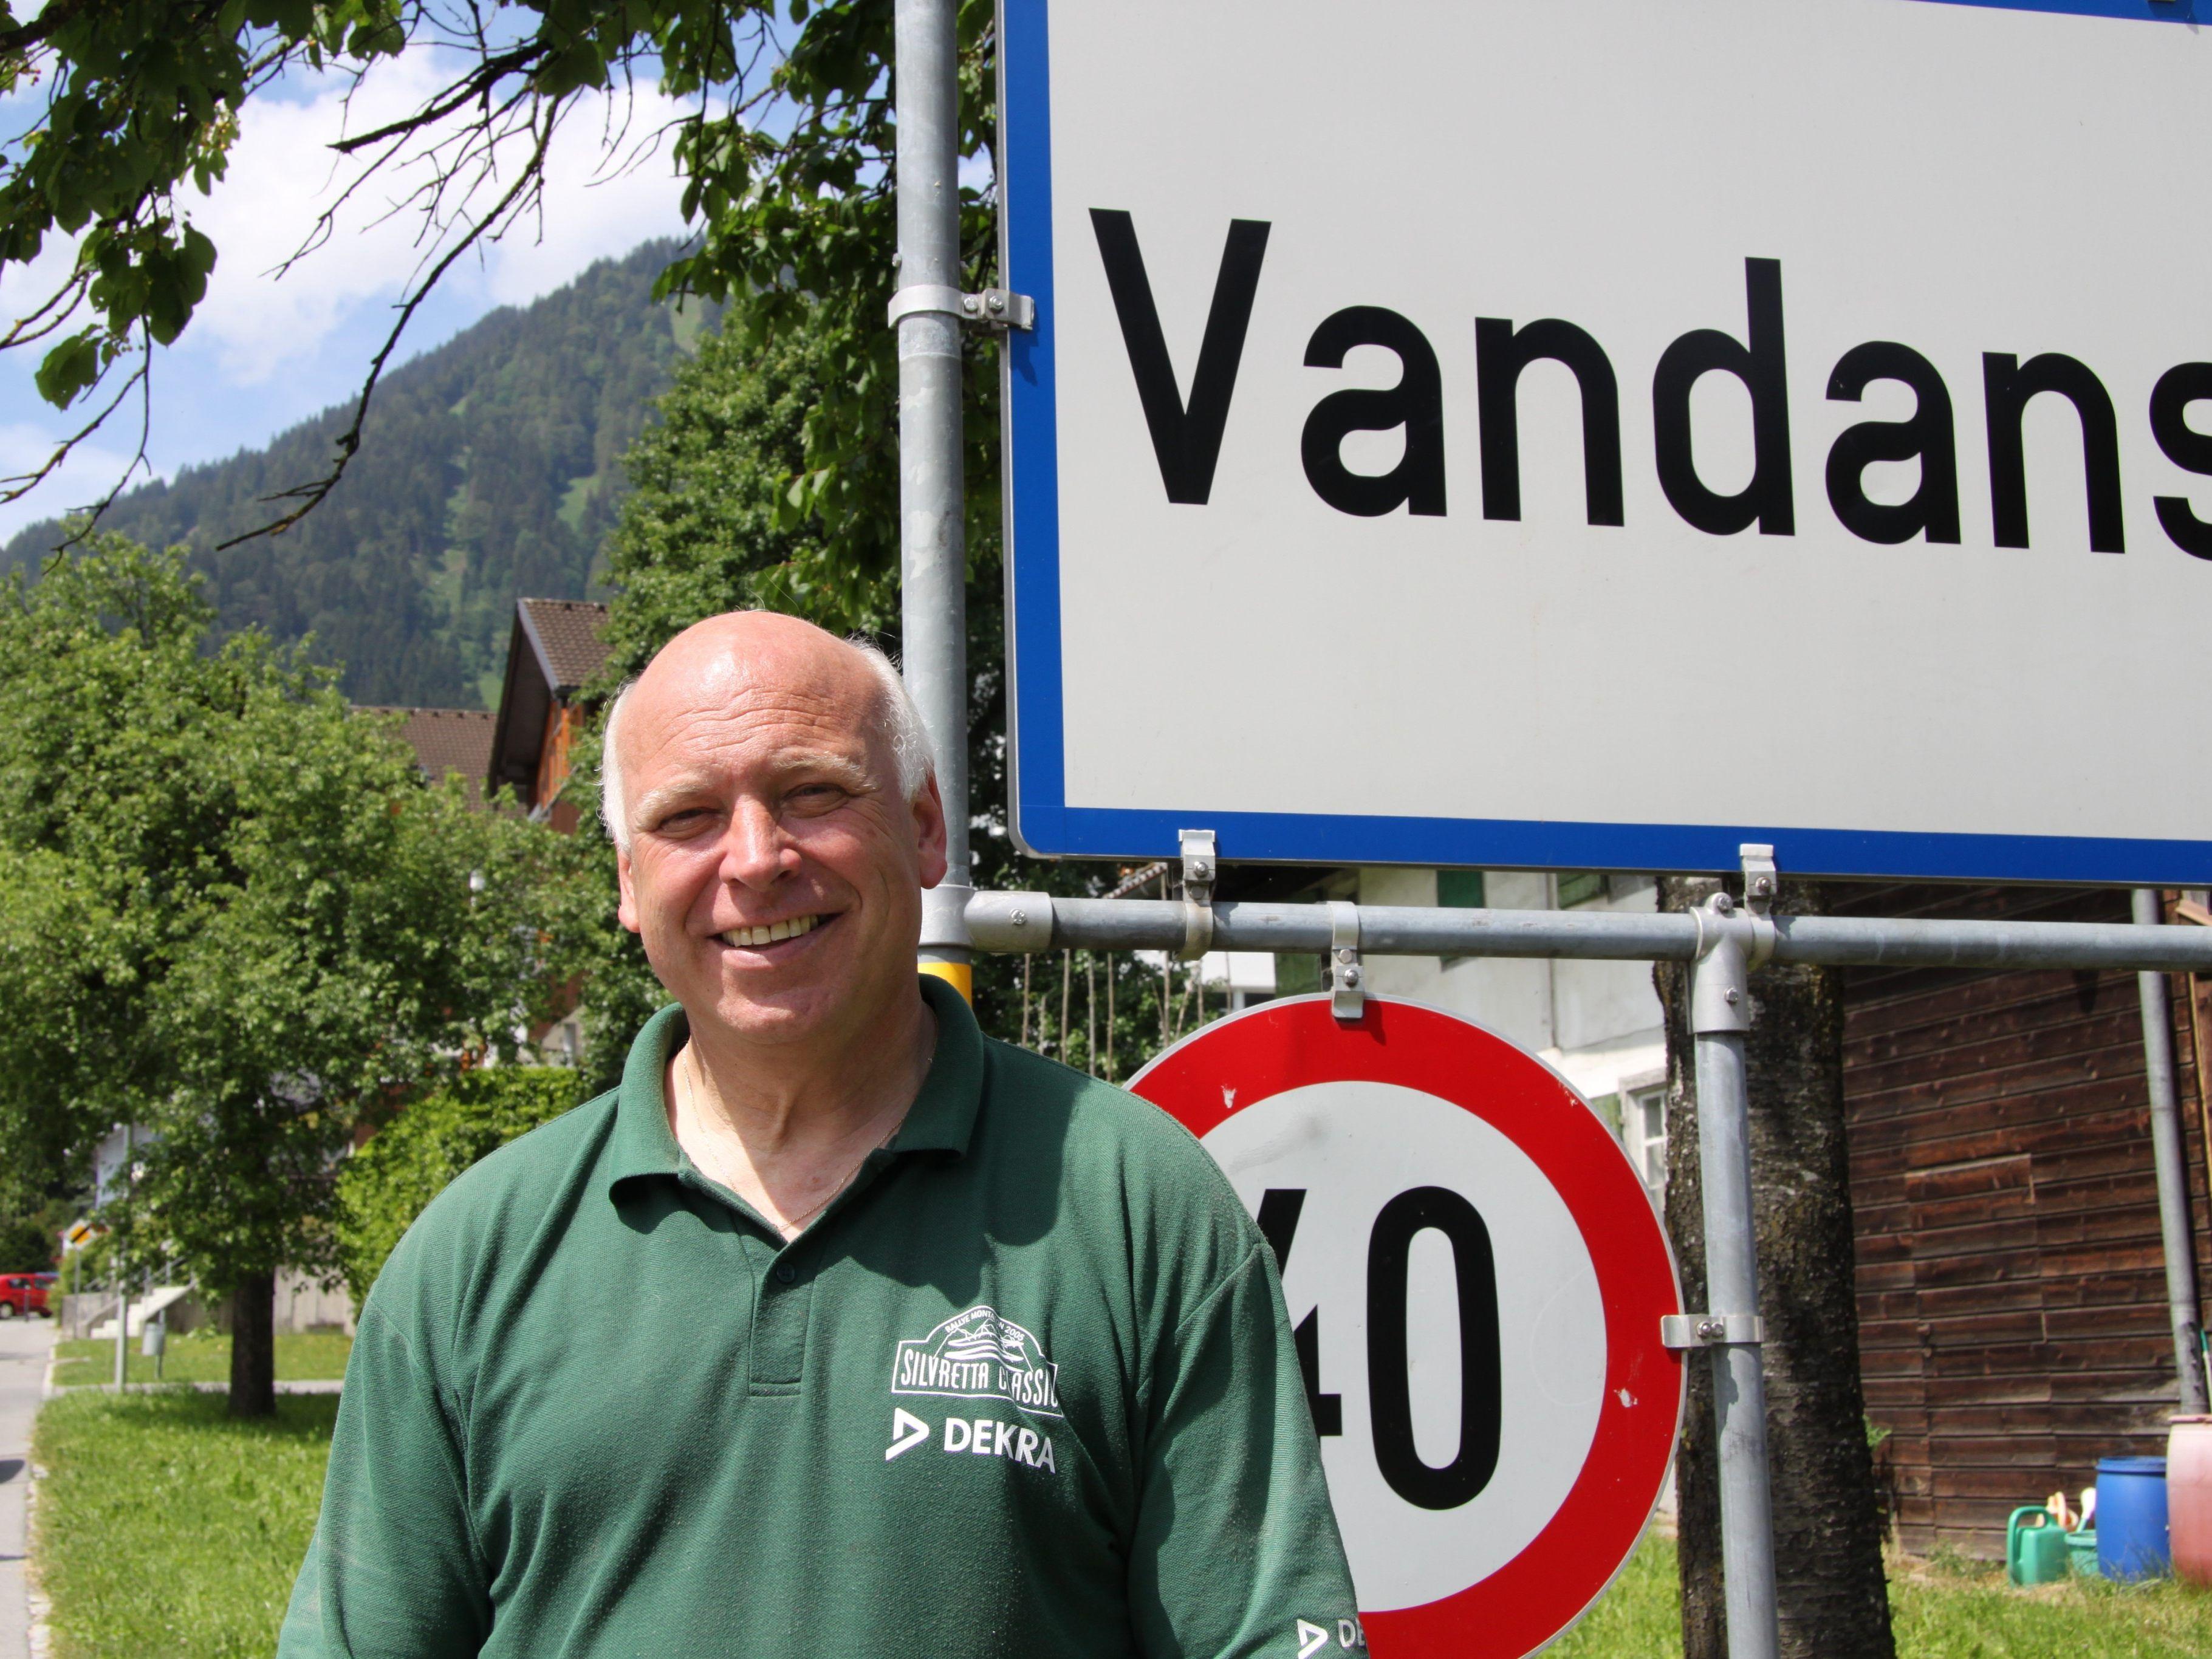 Bekanntschaften in Vandans - Partnersuche & Kontakte